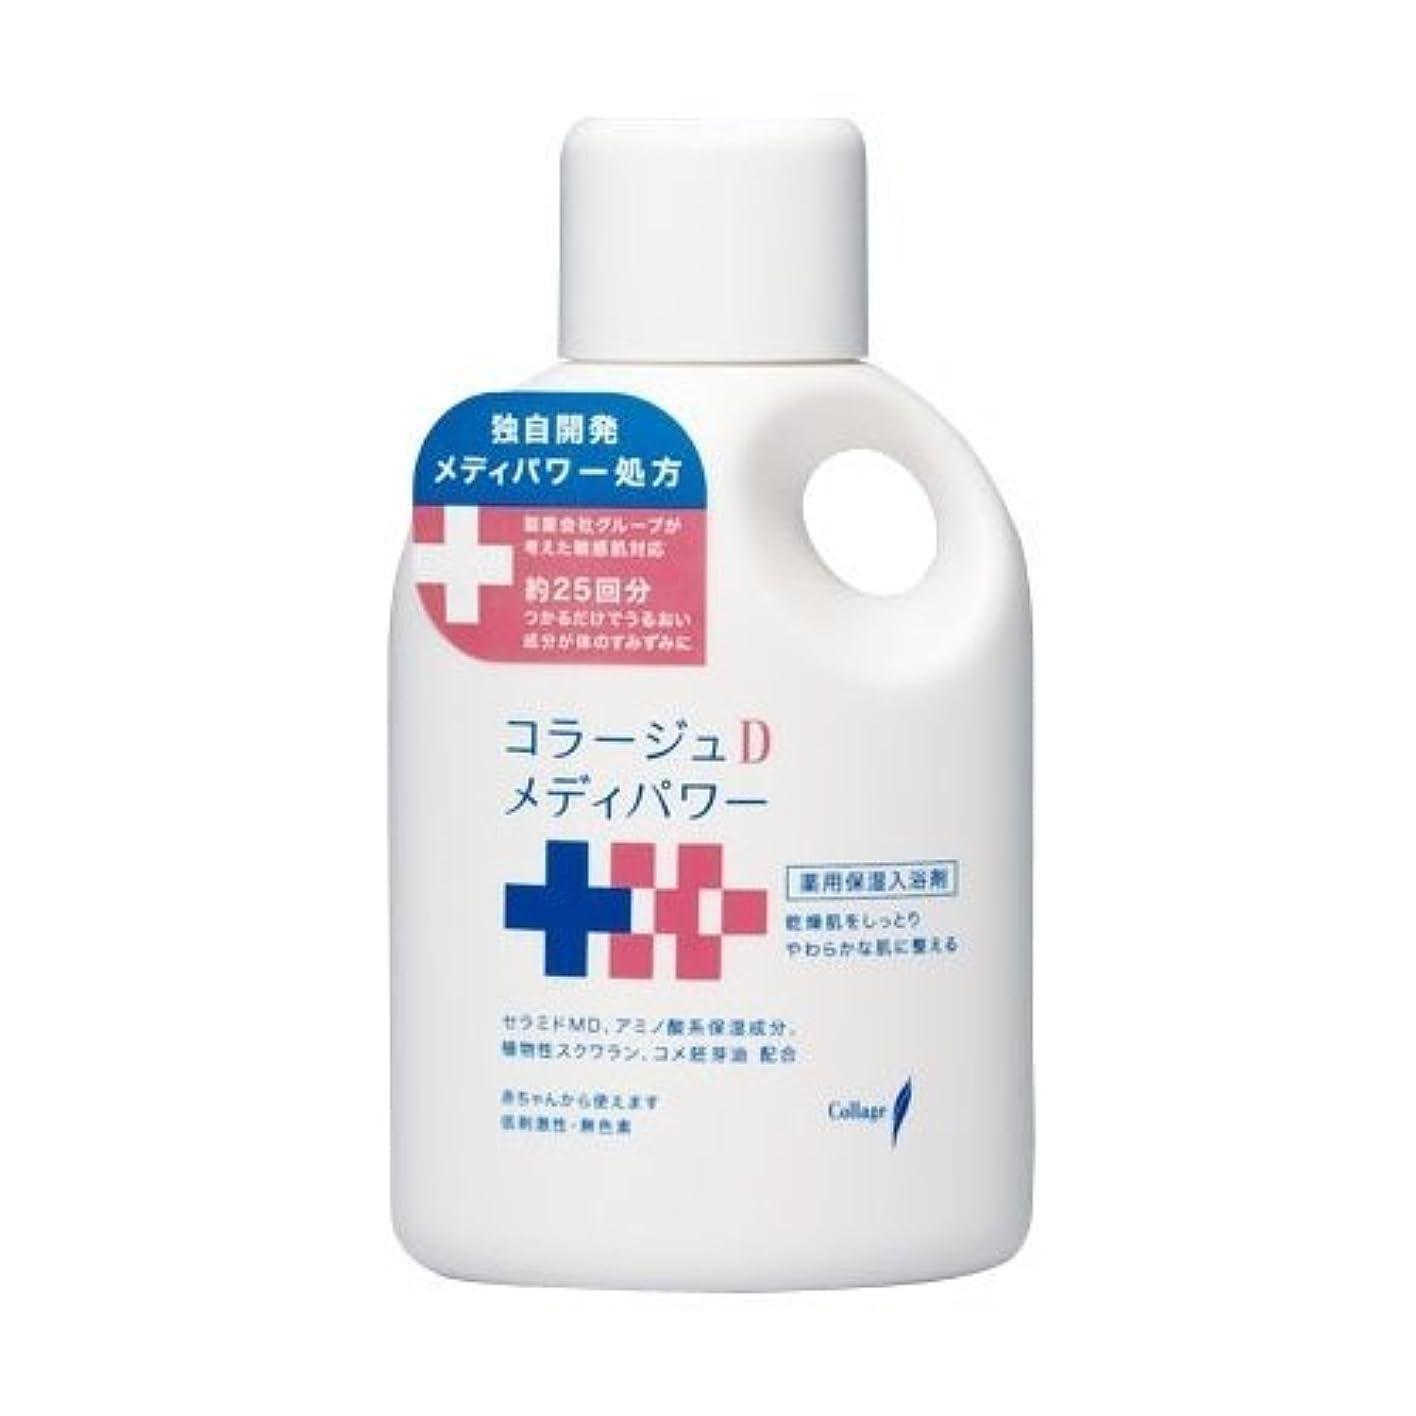 繰り返すギャップ縫い目コラージュ Dメディパワー 保湿入浴剤 500mL (医薬部外品)